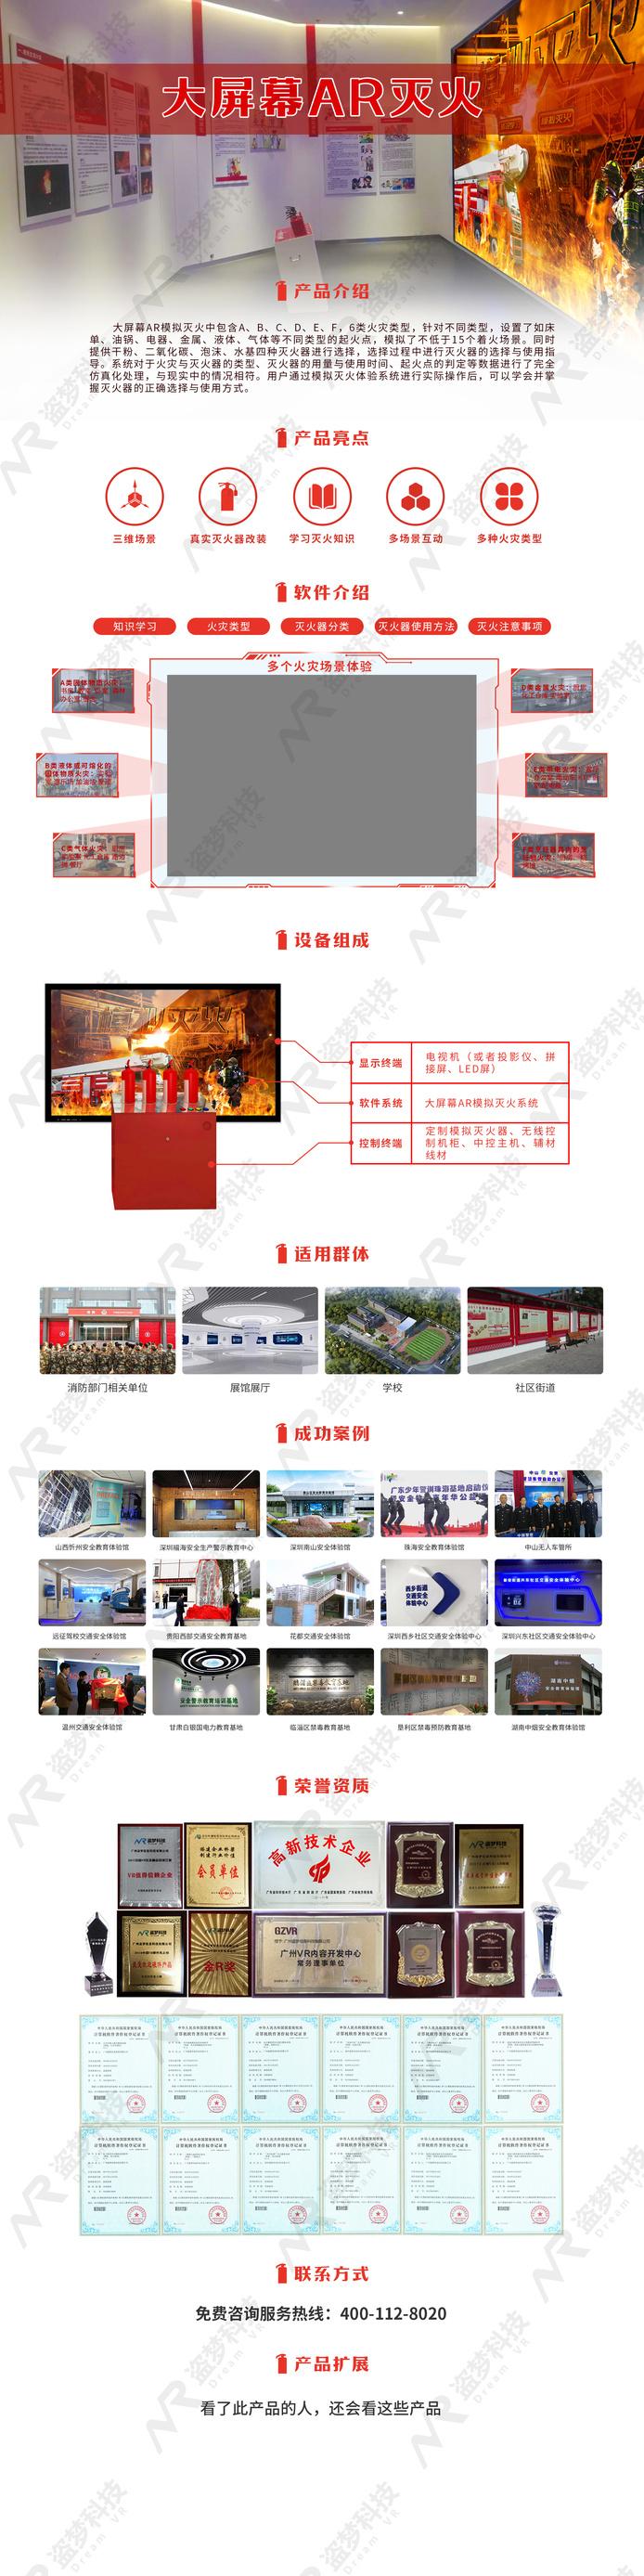 大屏幕互动灭火